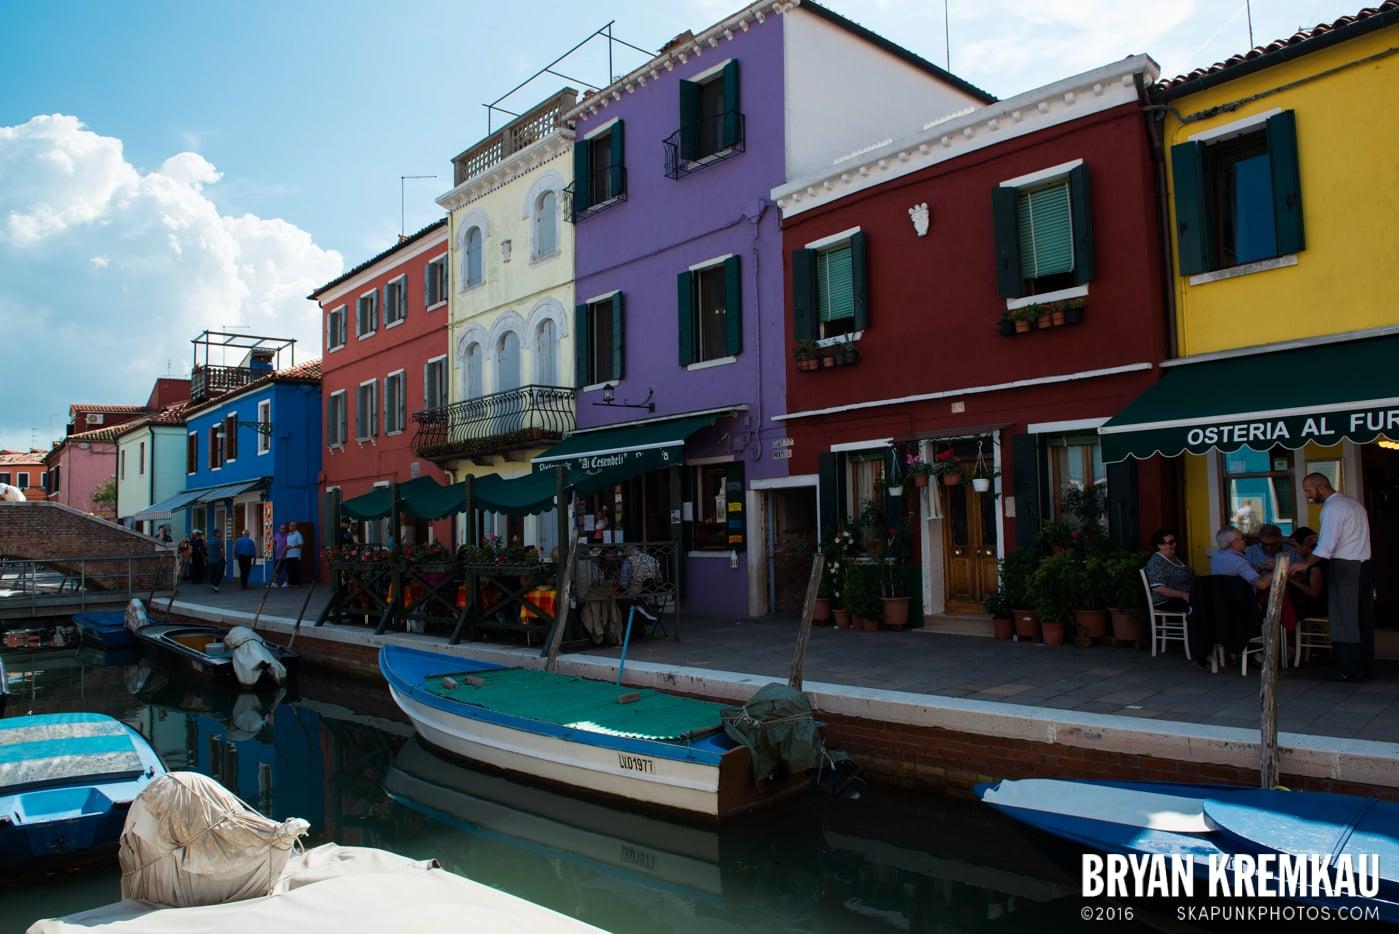 Italy Vacation - Day 6: Murano, Burano, Venice - 9.14.13 (69)